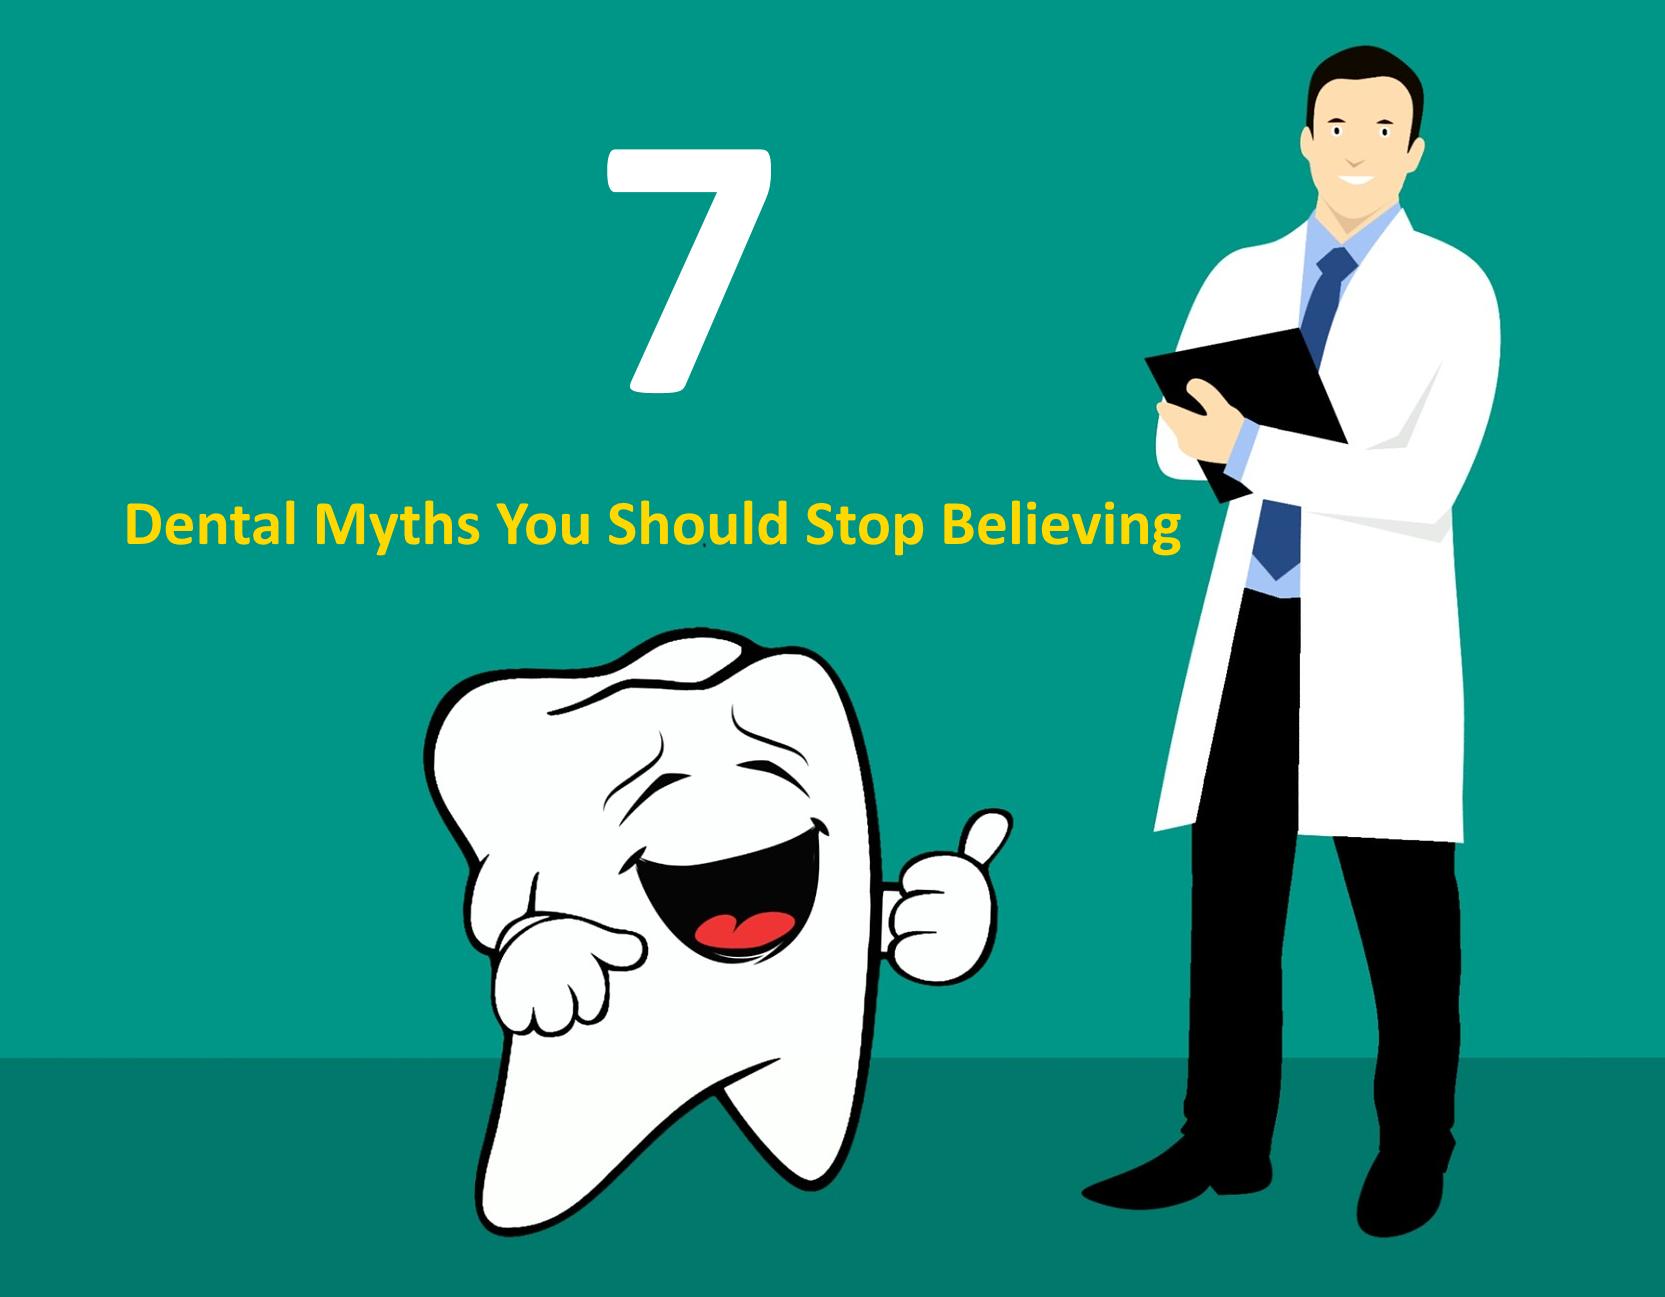 7 Dental Myths You Should Stop Believing